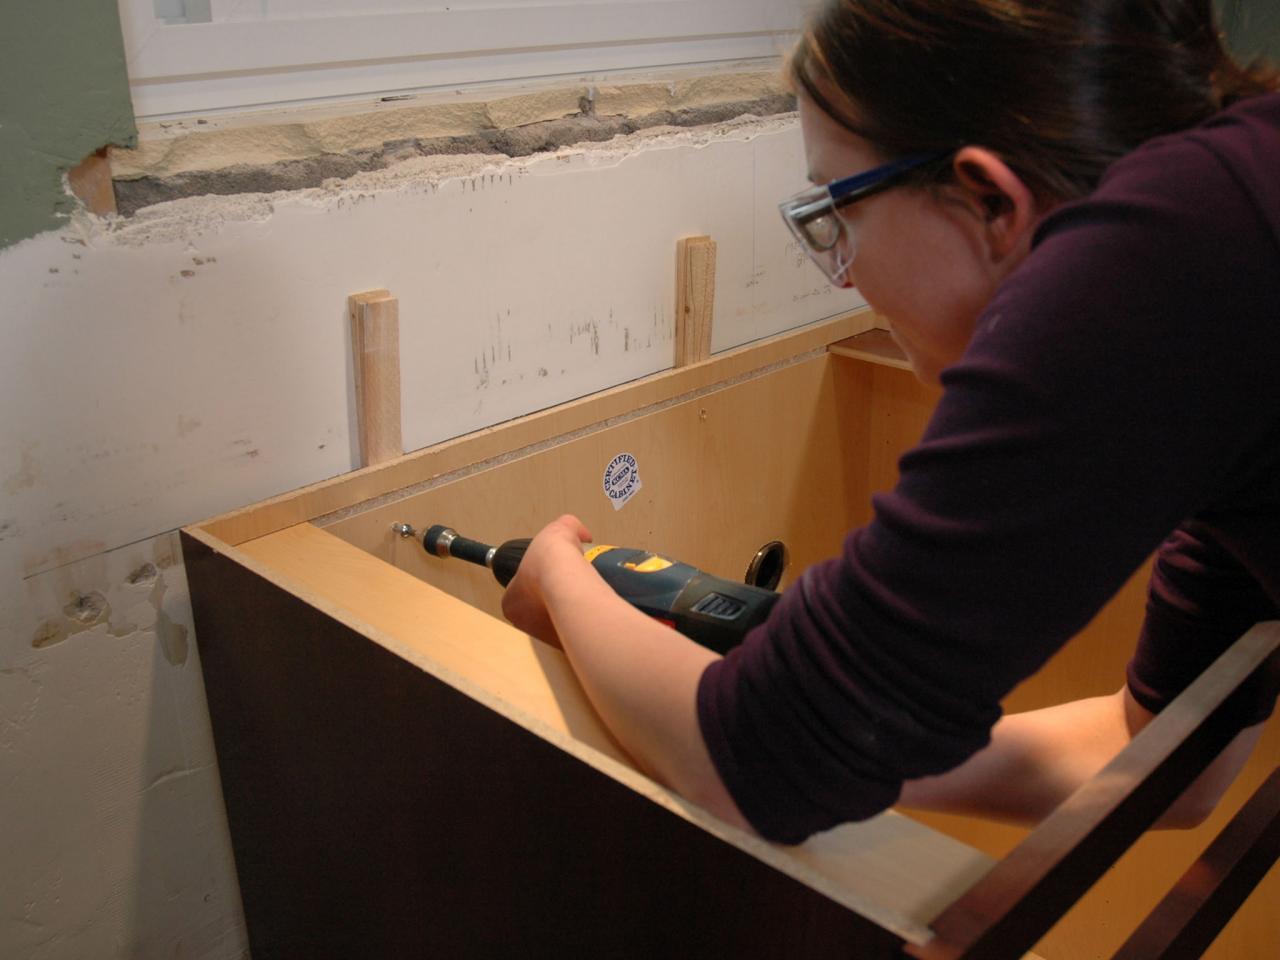 آموزش اندازه گیری طبقات کابینت,آموزش نصب کابینت ام دی اف,نصب متعلاقات کابینت,